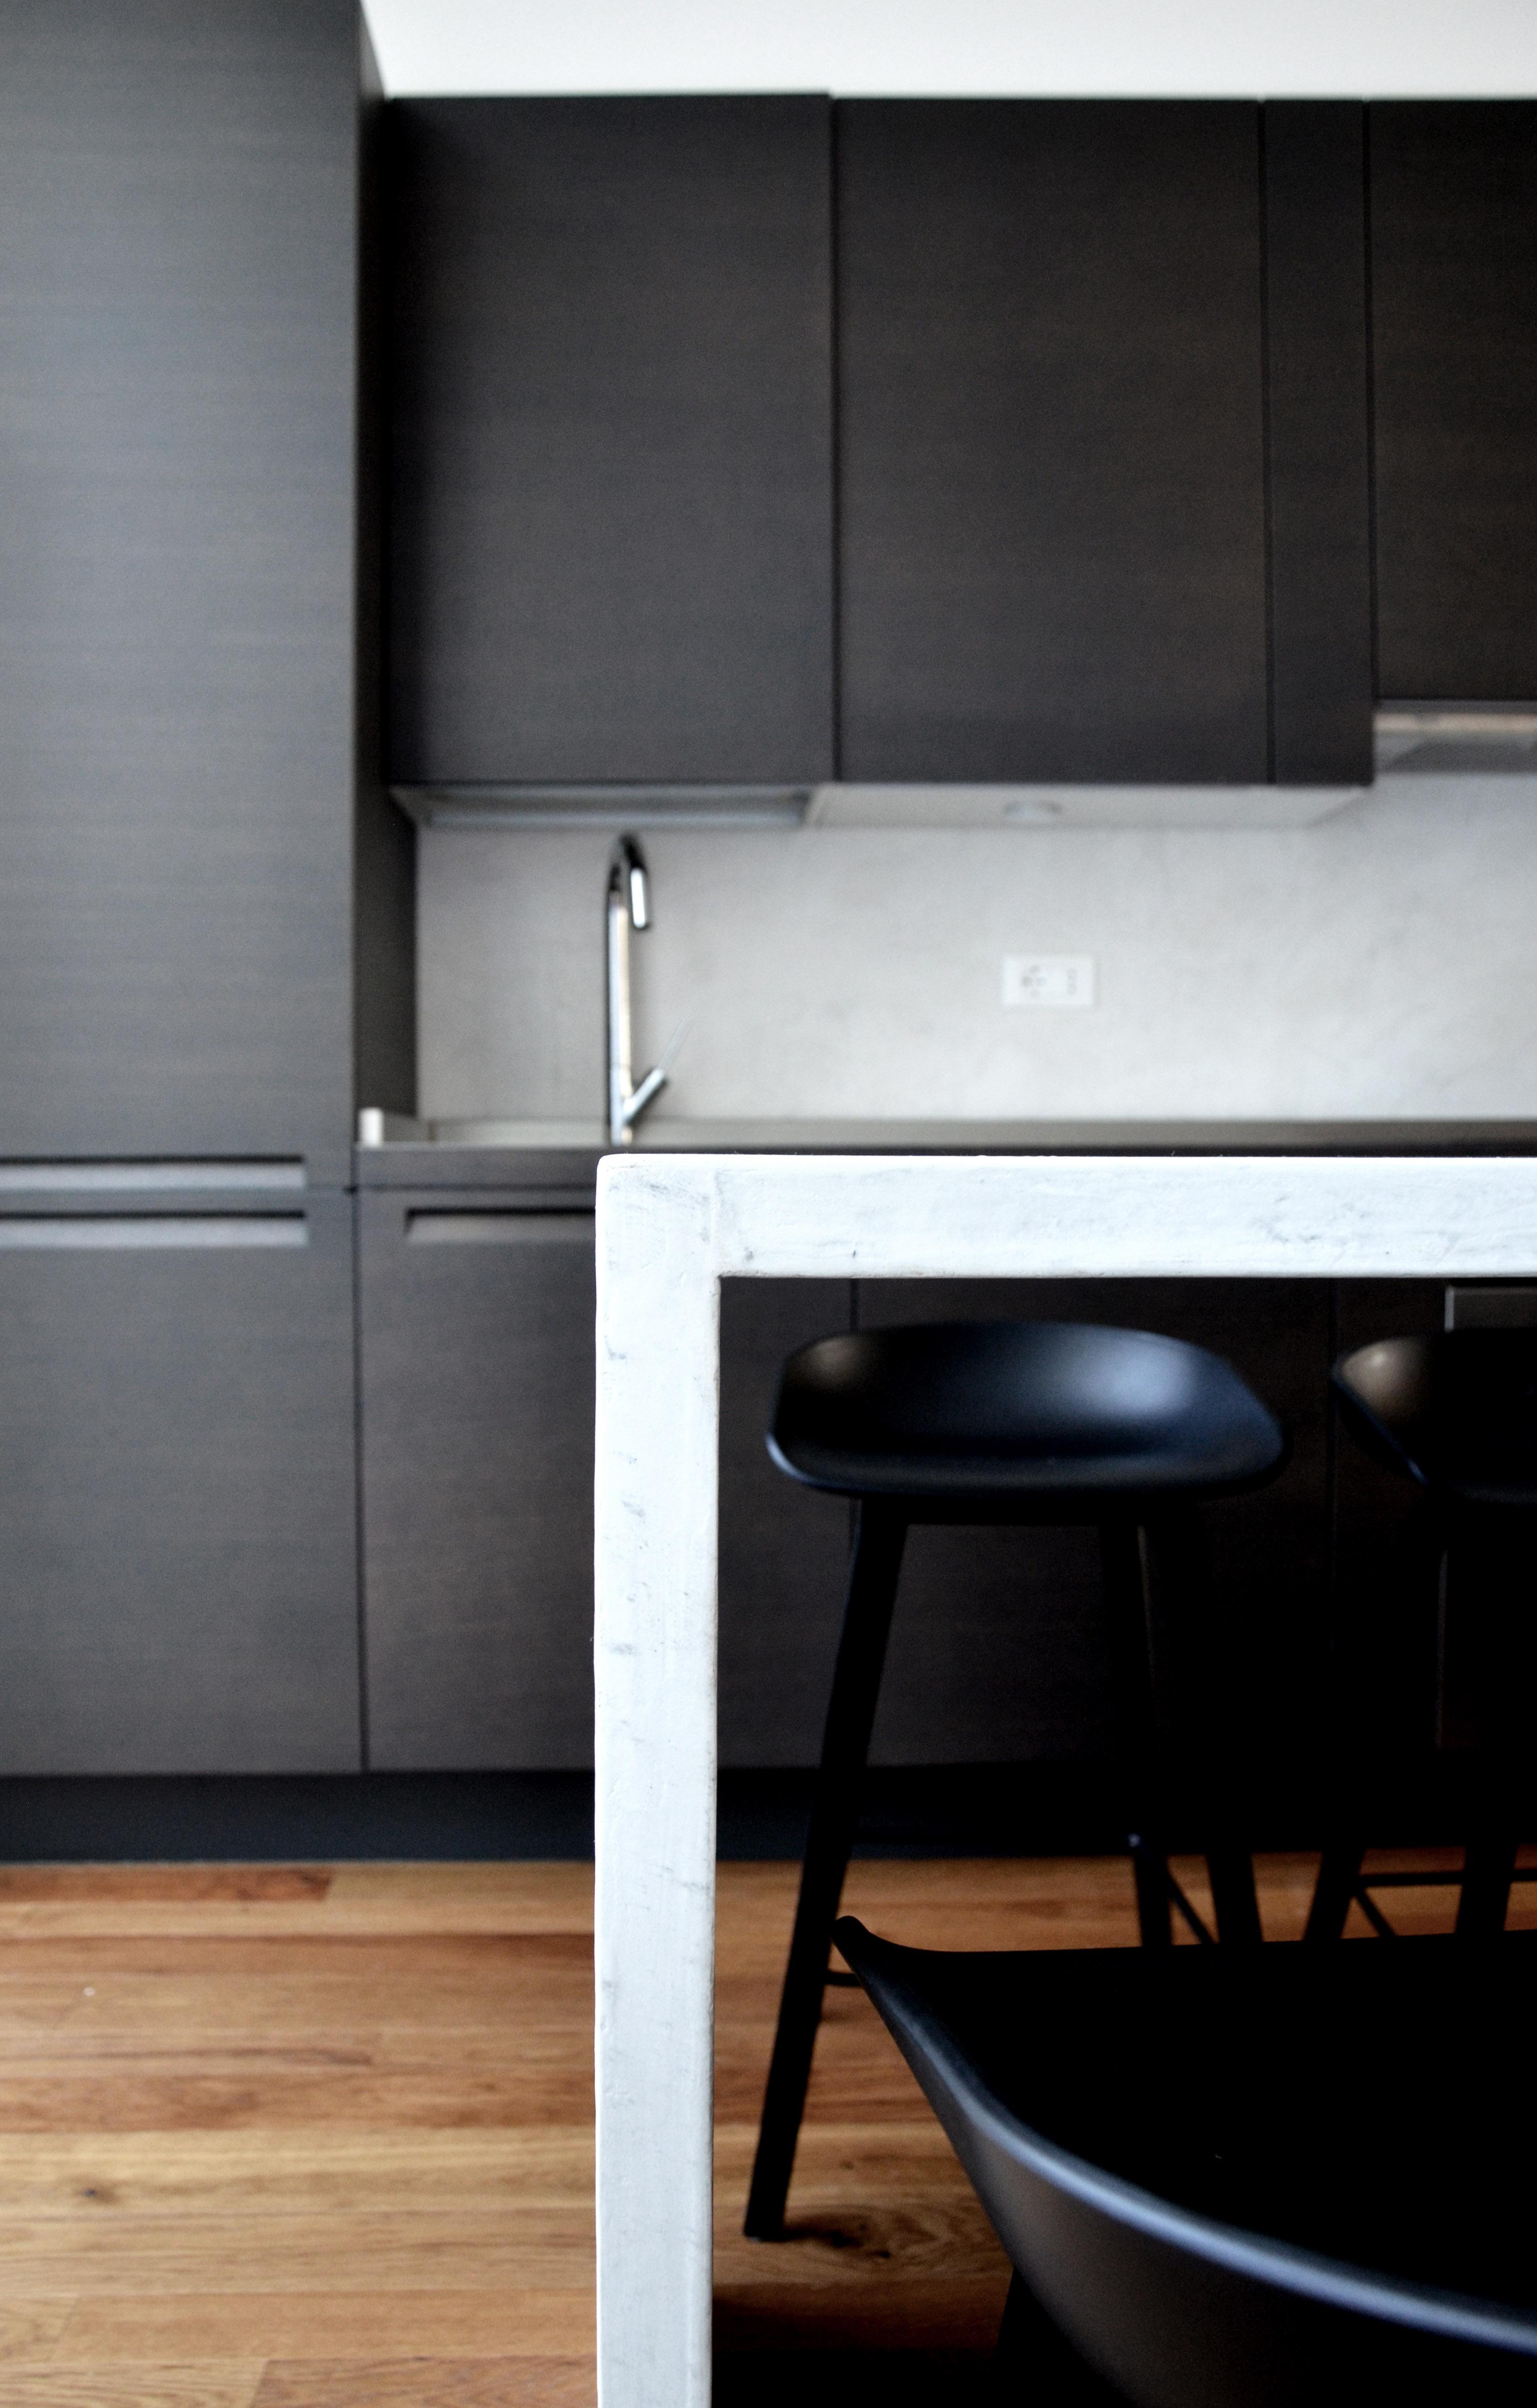 casa MB SR. la zona cucina. composizione ridisegnata da architetto francesco valentini riadattando la vecchia Varenna ed implementandola al nuovo ambiente.